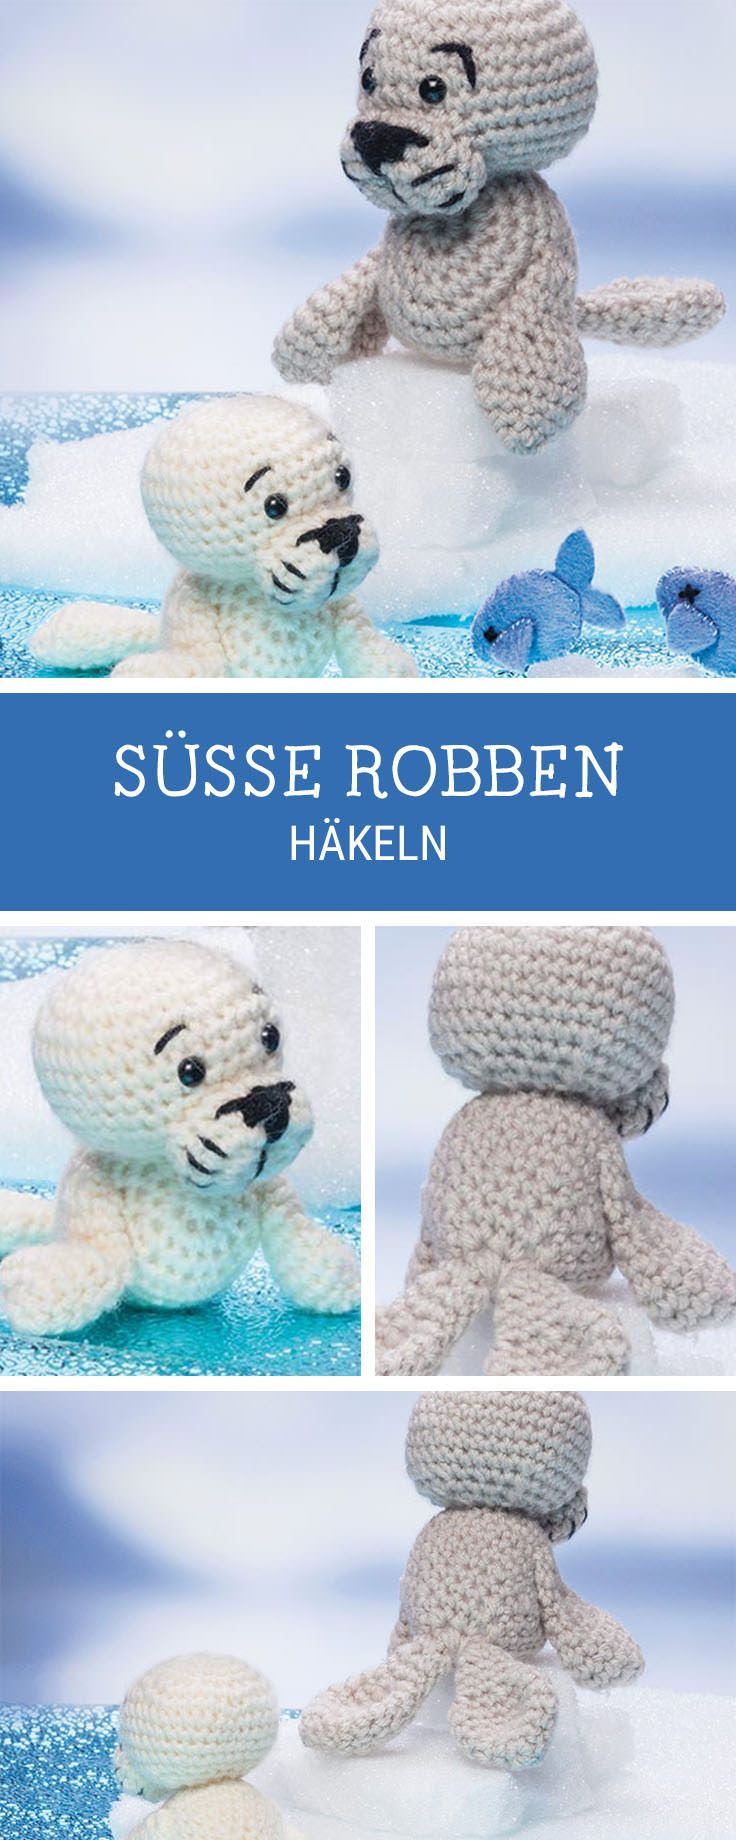 Amigurumi Häkeln Anleitung Für Robben Strickfiguren In